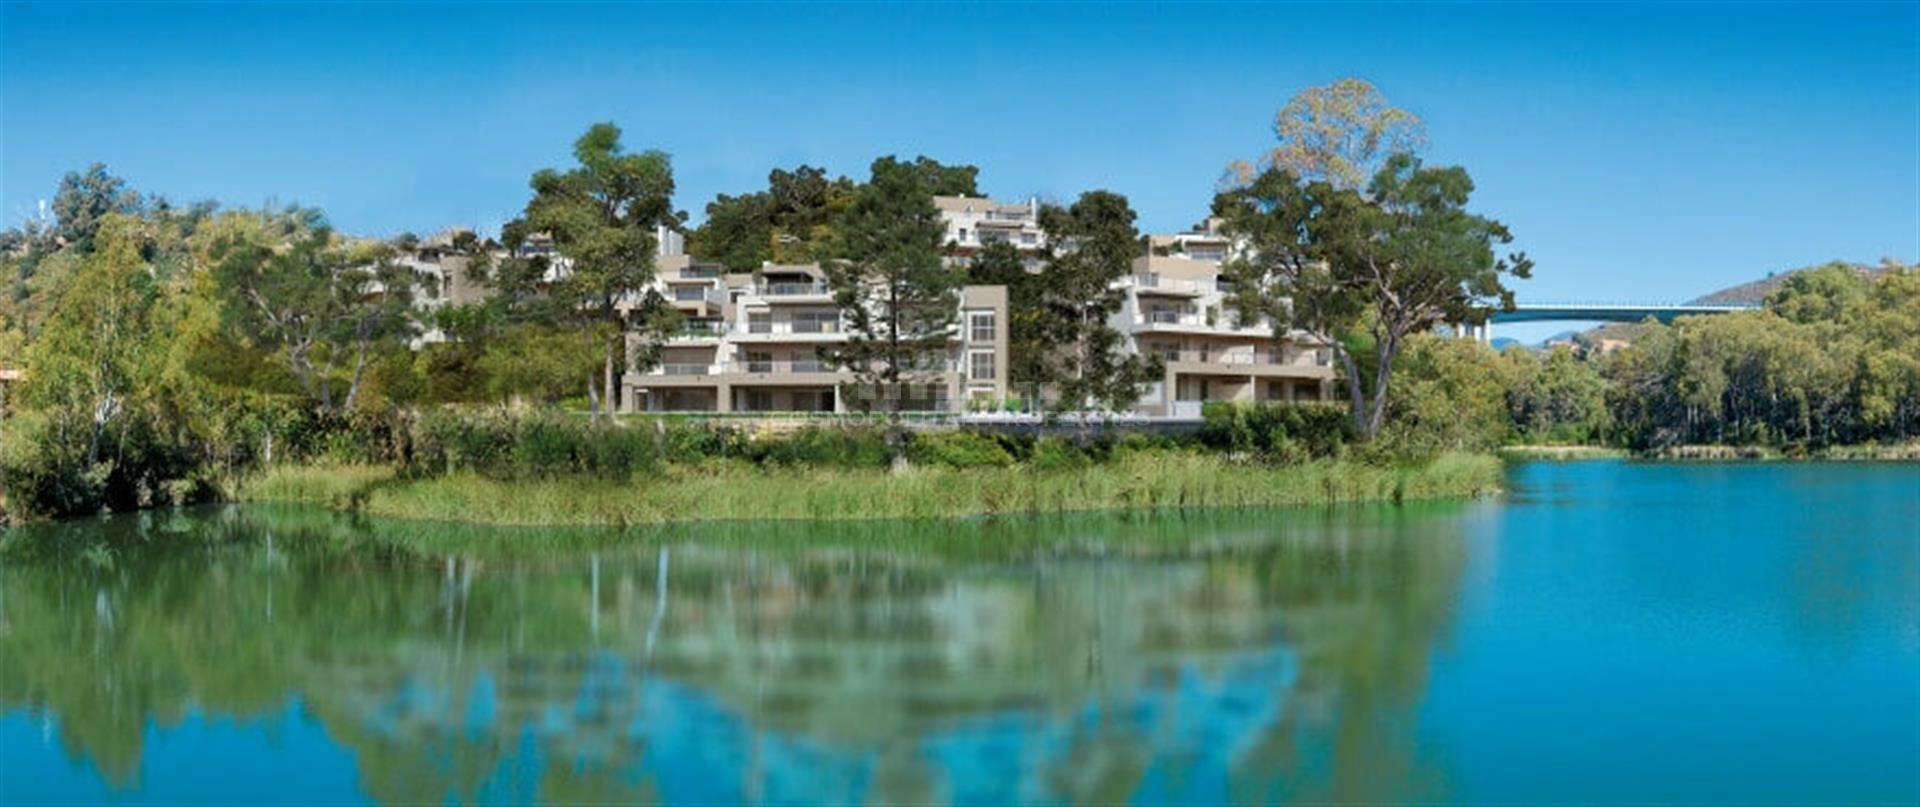 Marbella Lake, un moderno conjunto residencial privado situado en el corazón del Valle del Golf, en Nueva Andalucía, a tan solo 5 kilómetros de Puerto Banús.